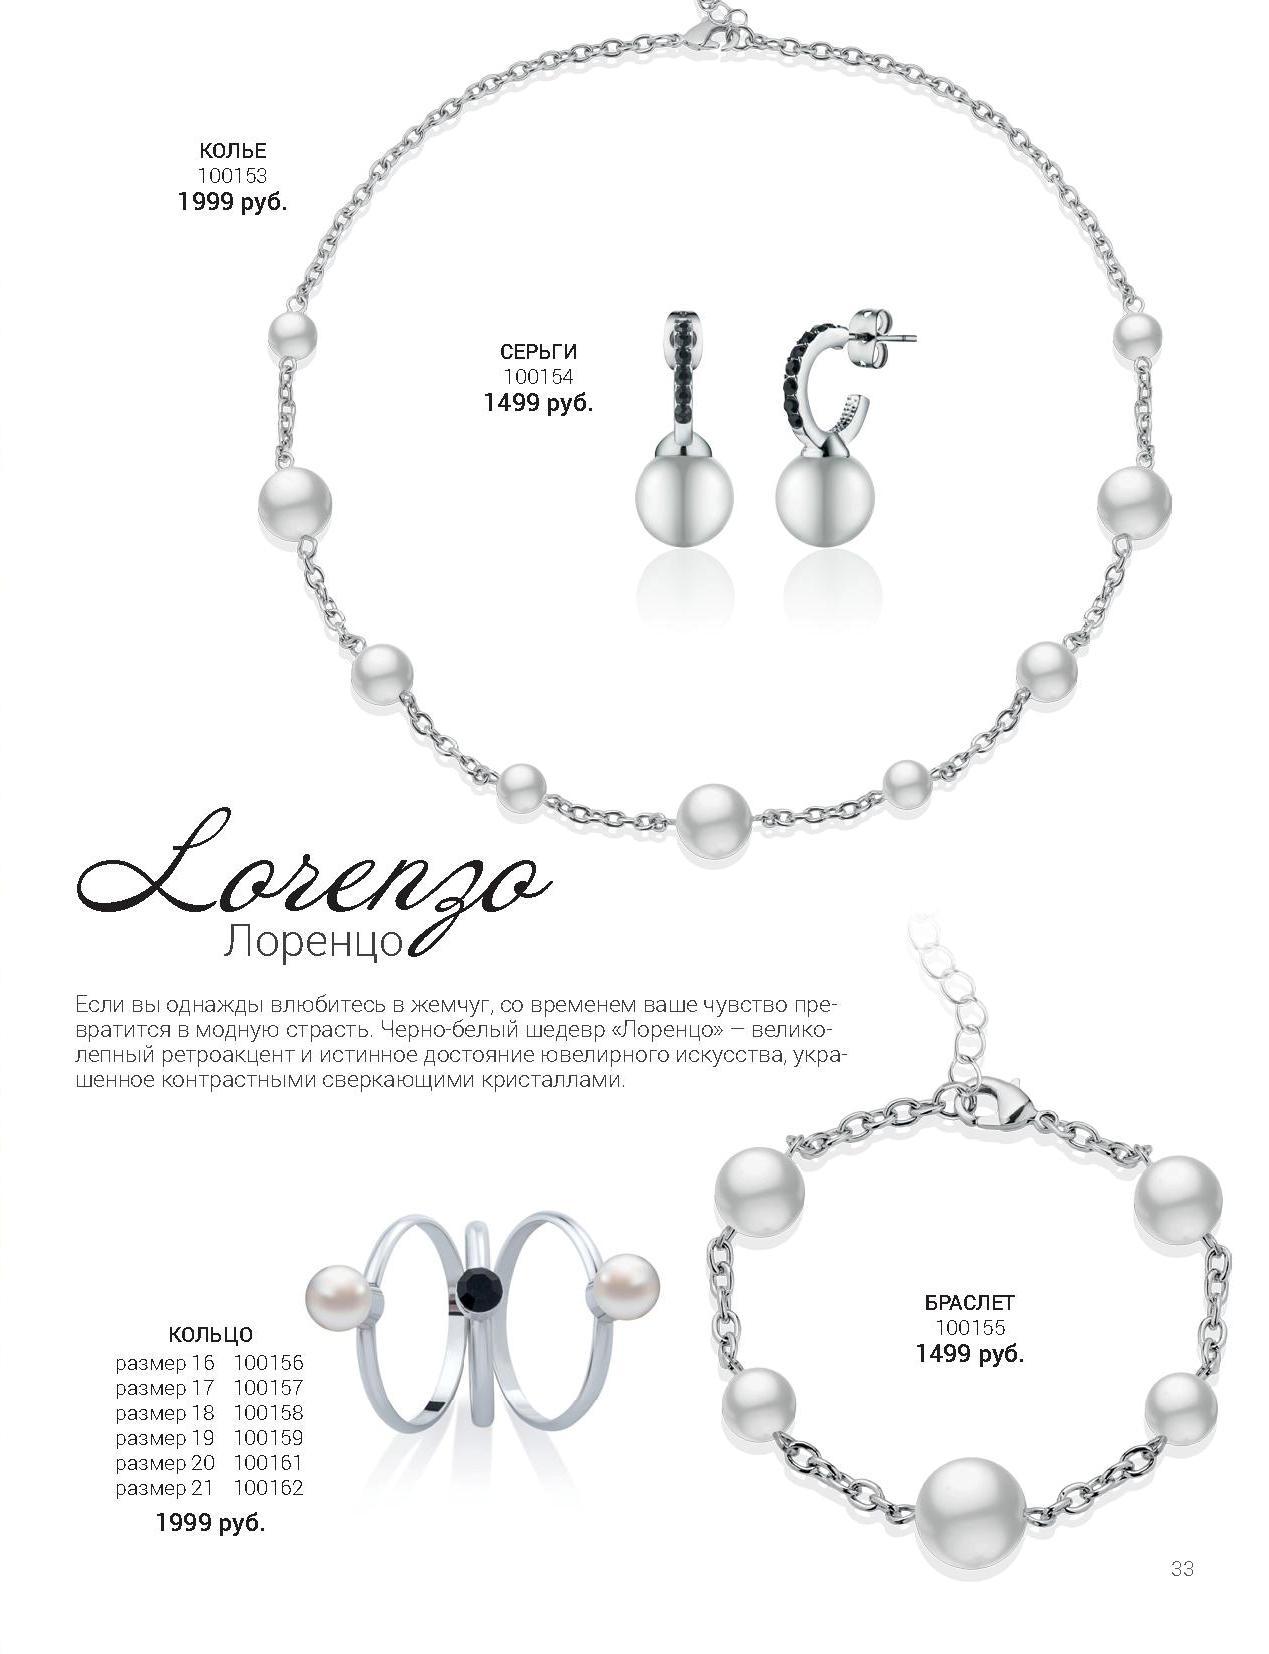 """Бижутерия Флоранж - Колье, серьги, браслет и кольцо """"Лоренцо"""""""